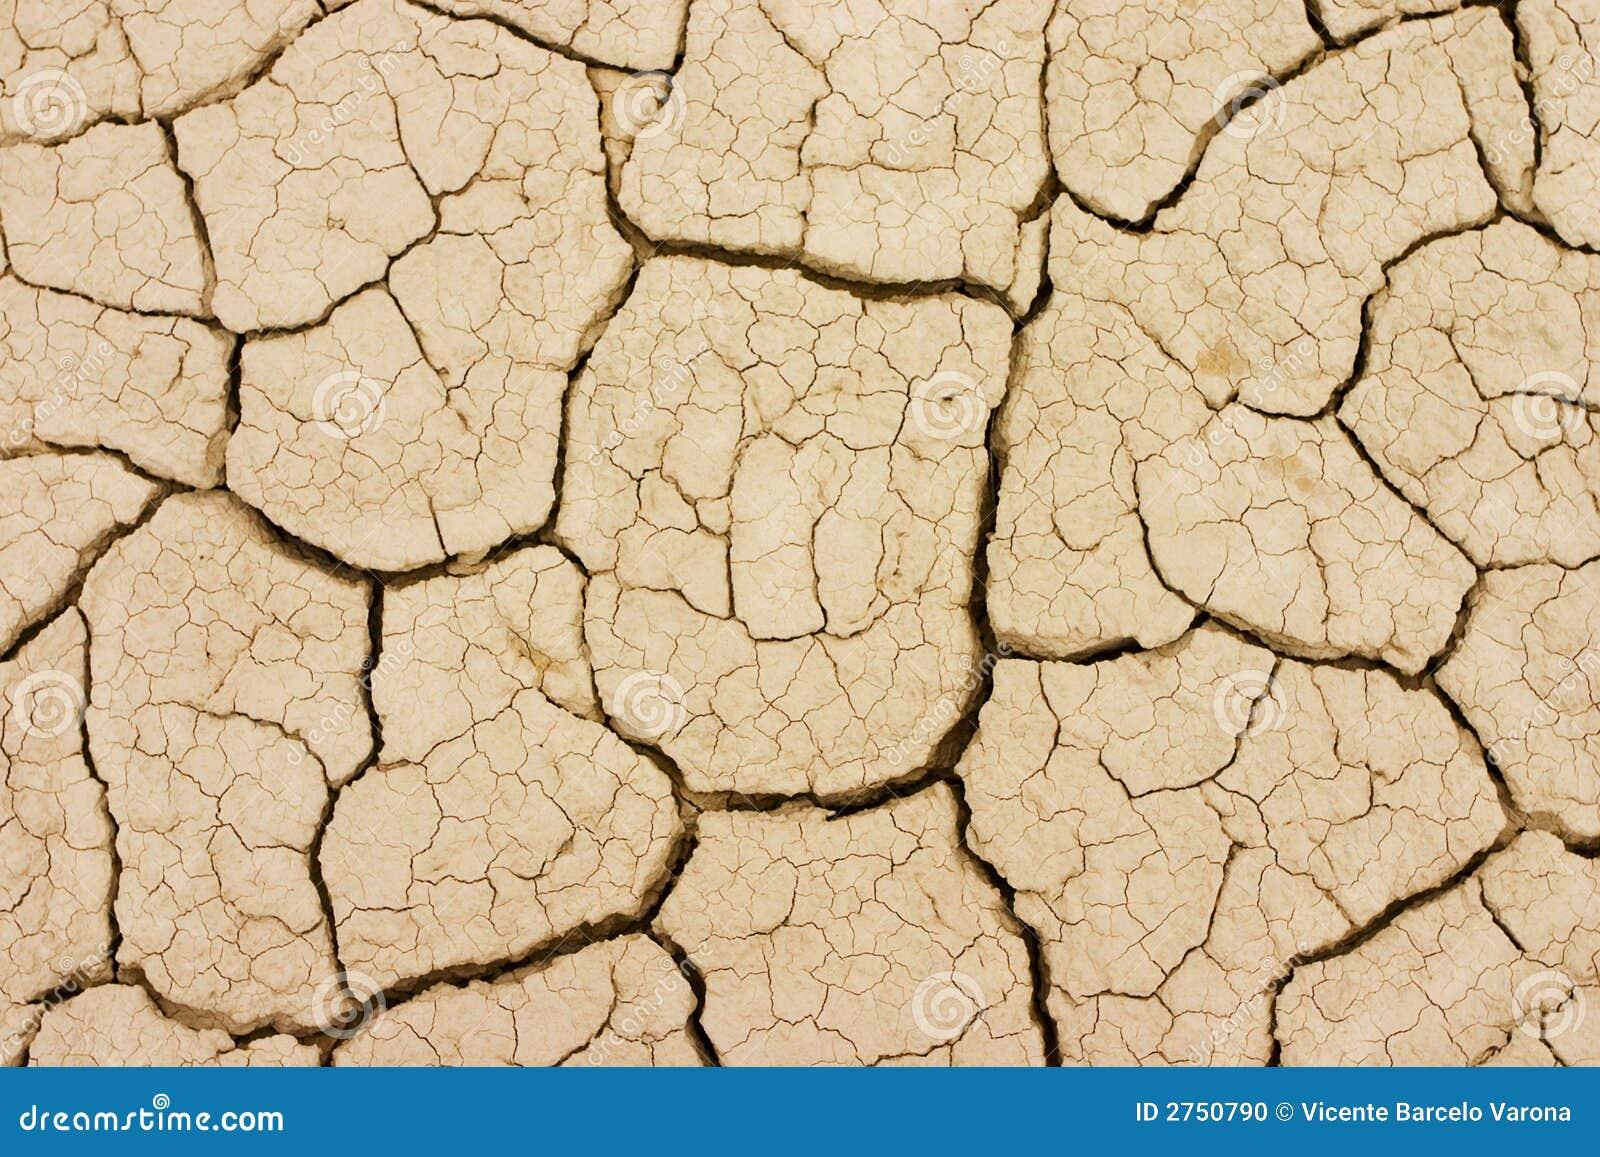 Dry Land Stock Photo - Image: 2750790